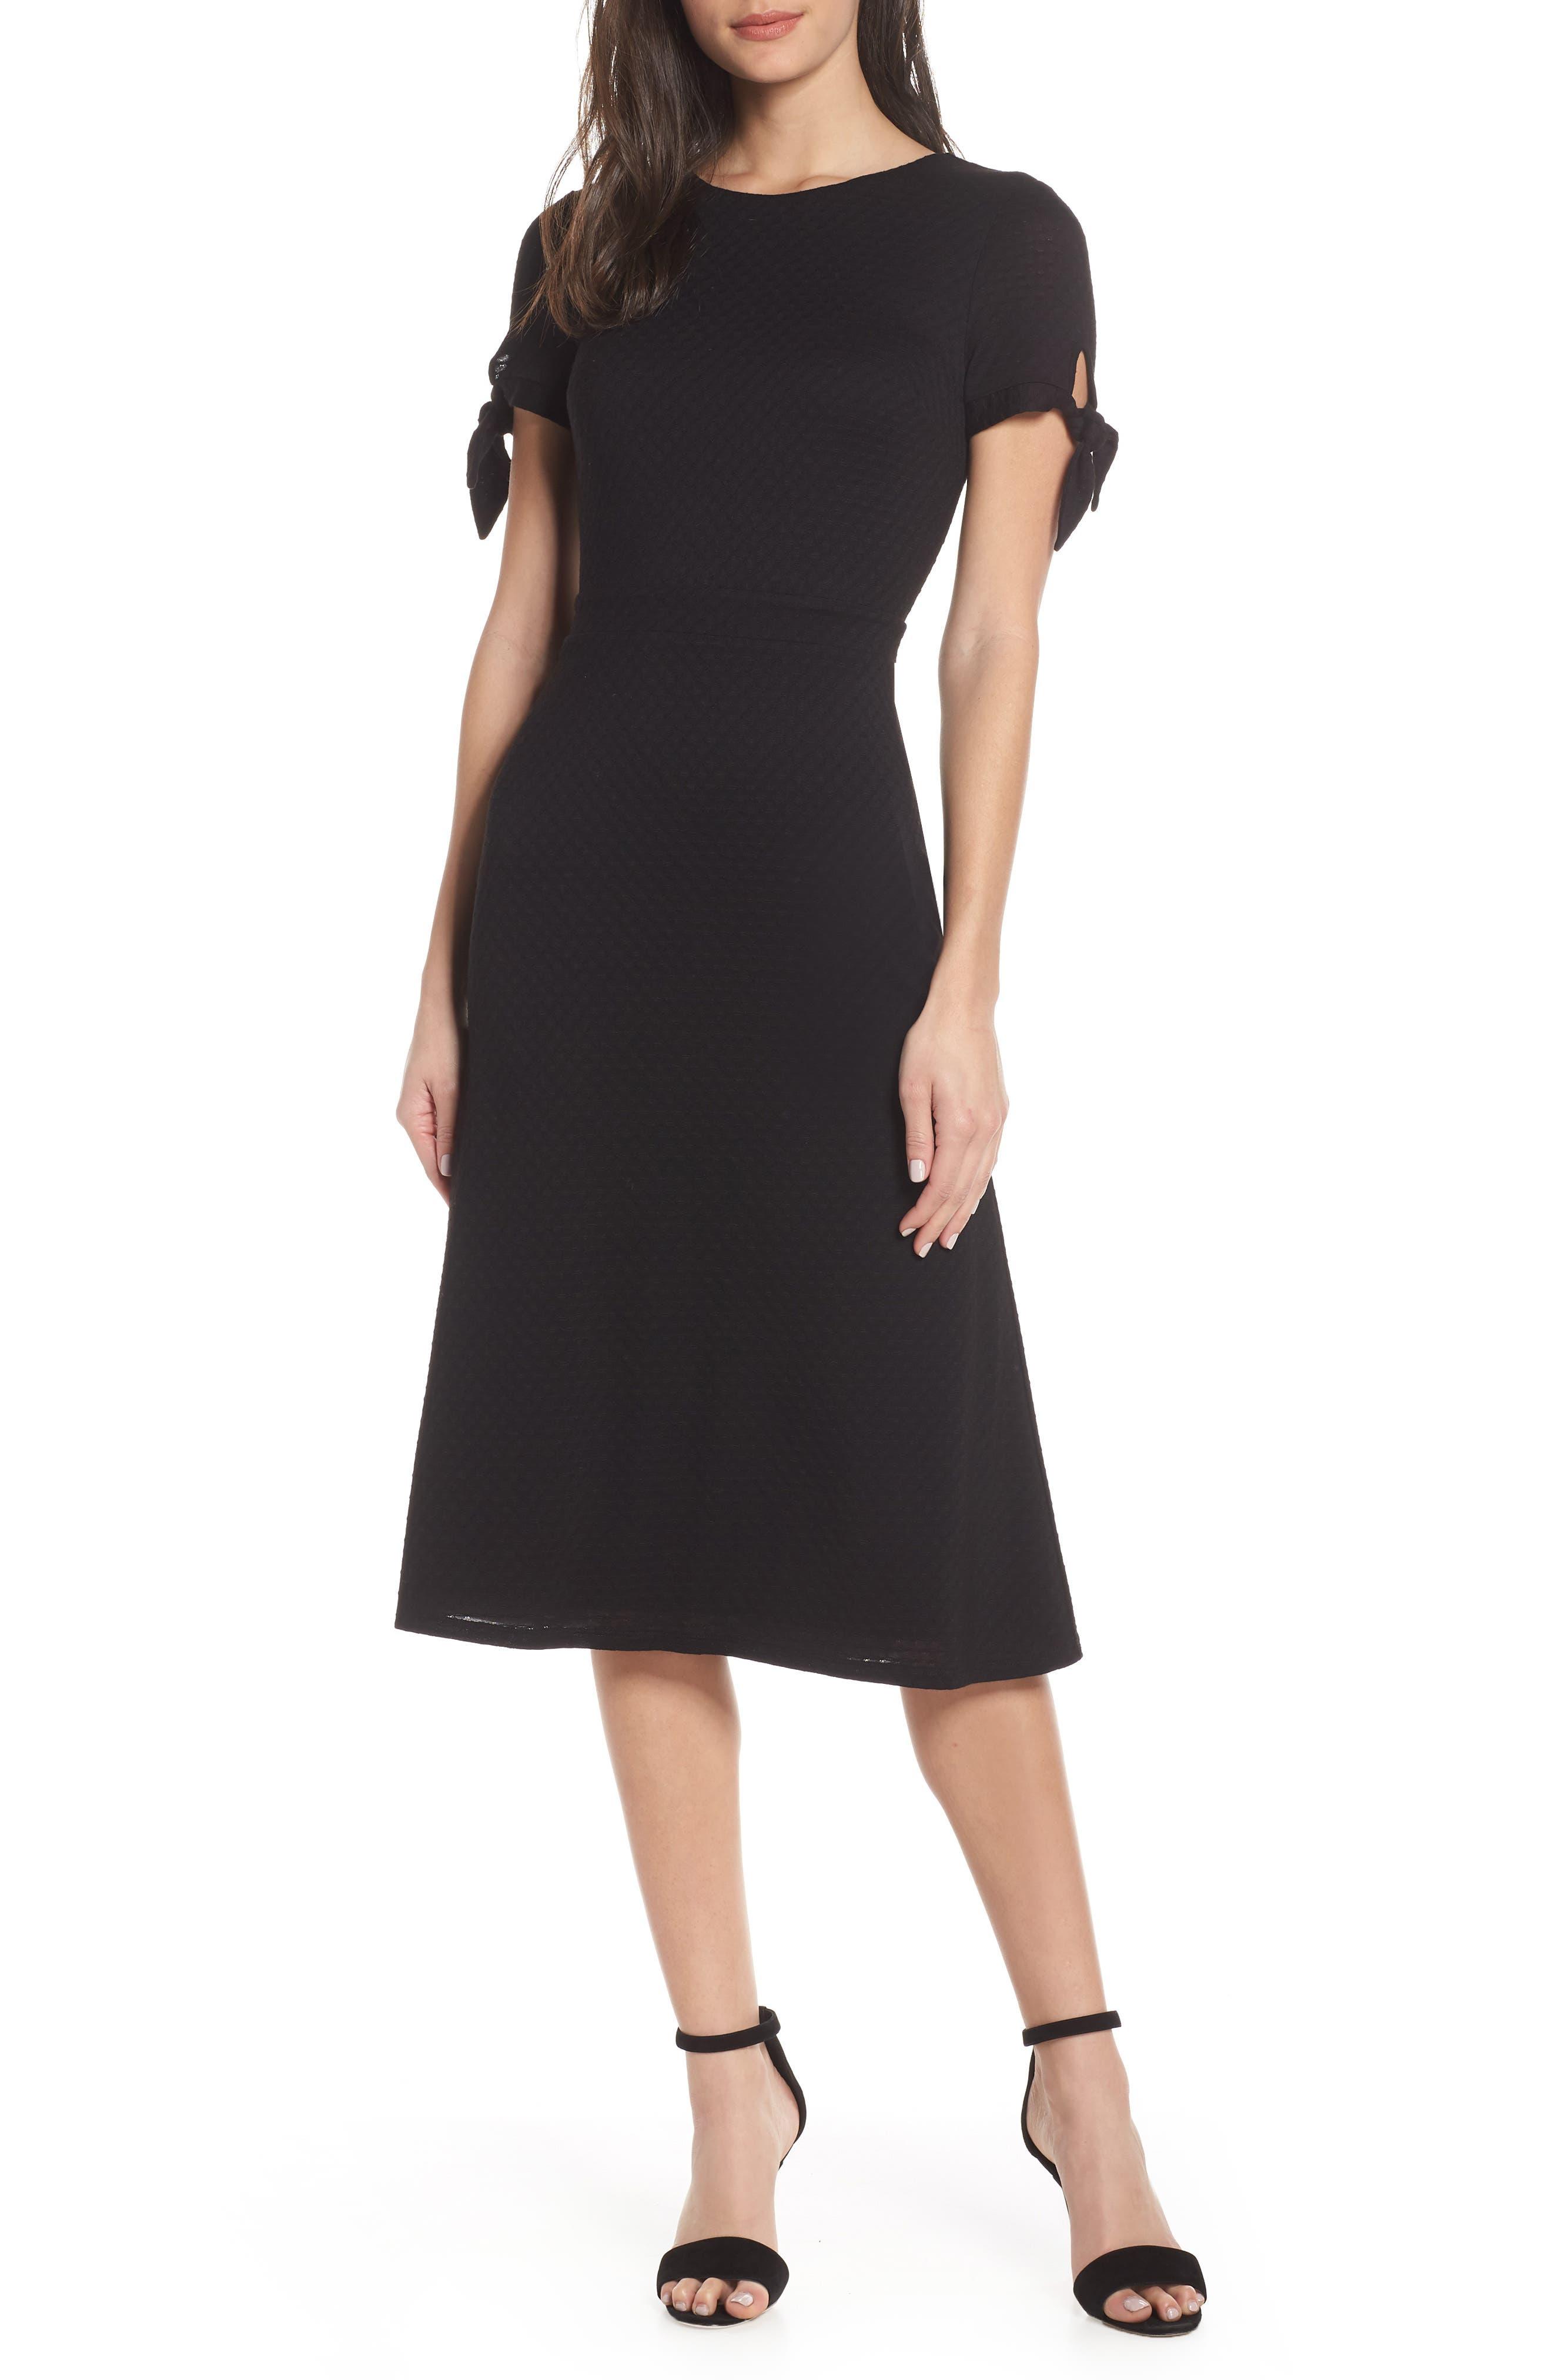 Ali & Jay Bunker Hill Textured Midi Dress, Black